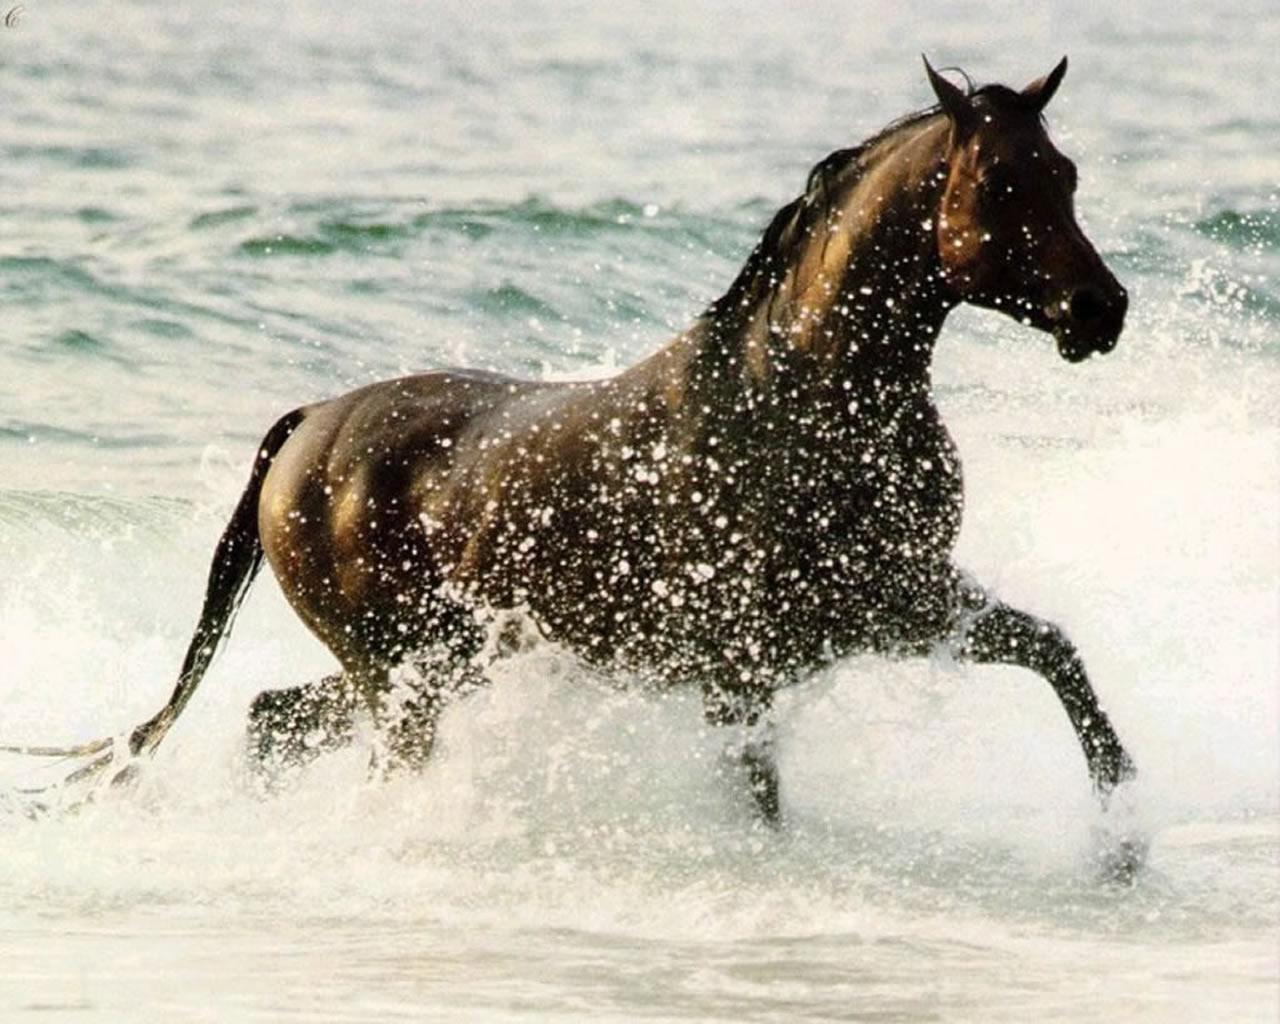 download wallpaper: een paard in de branding wallpaper